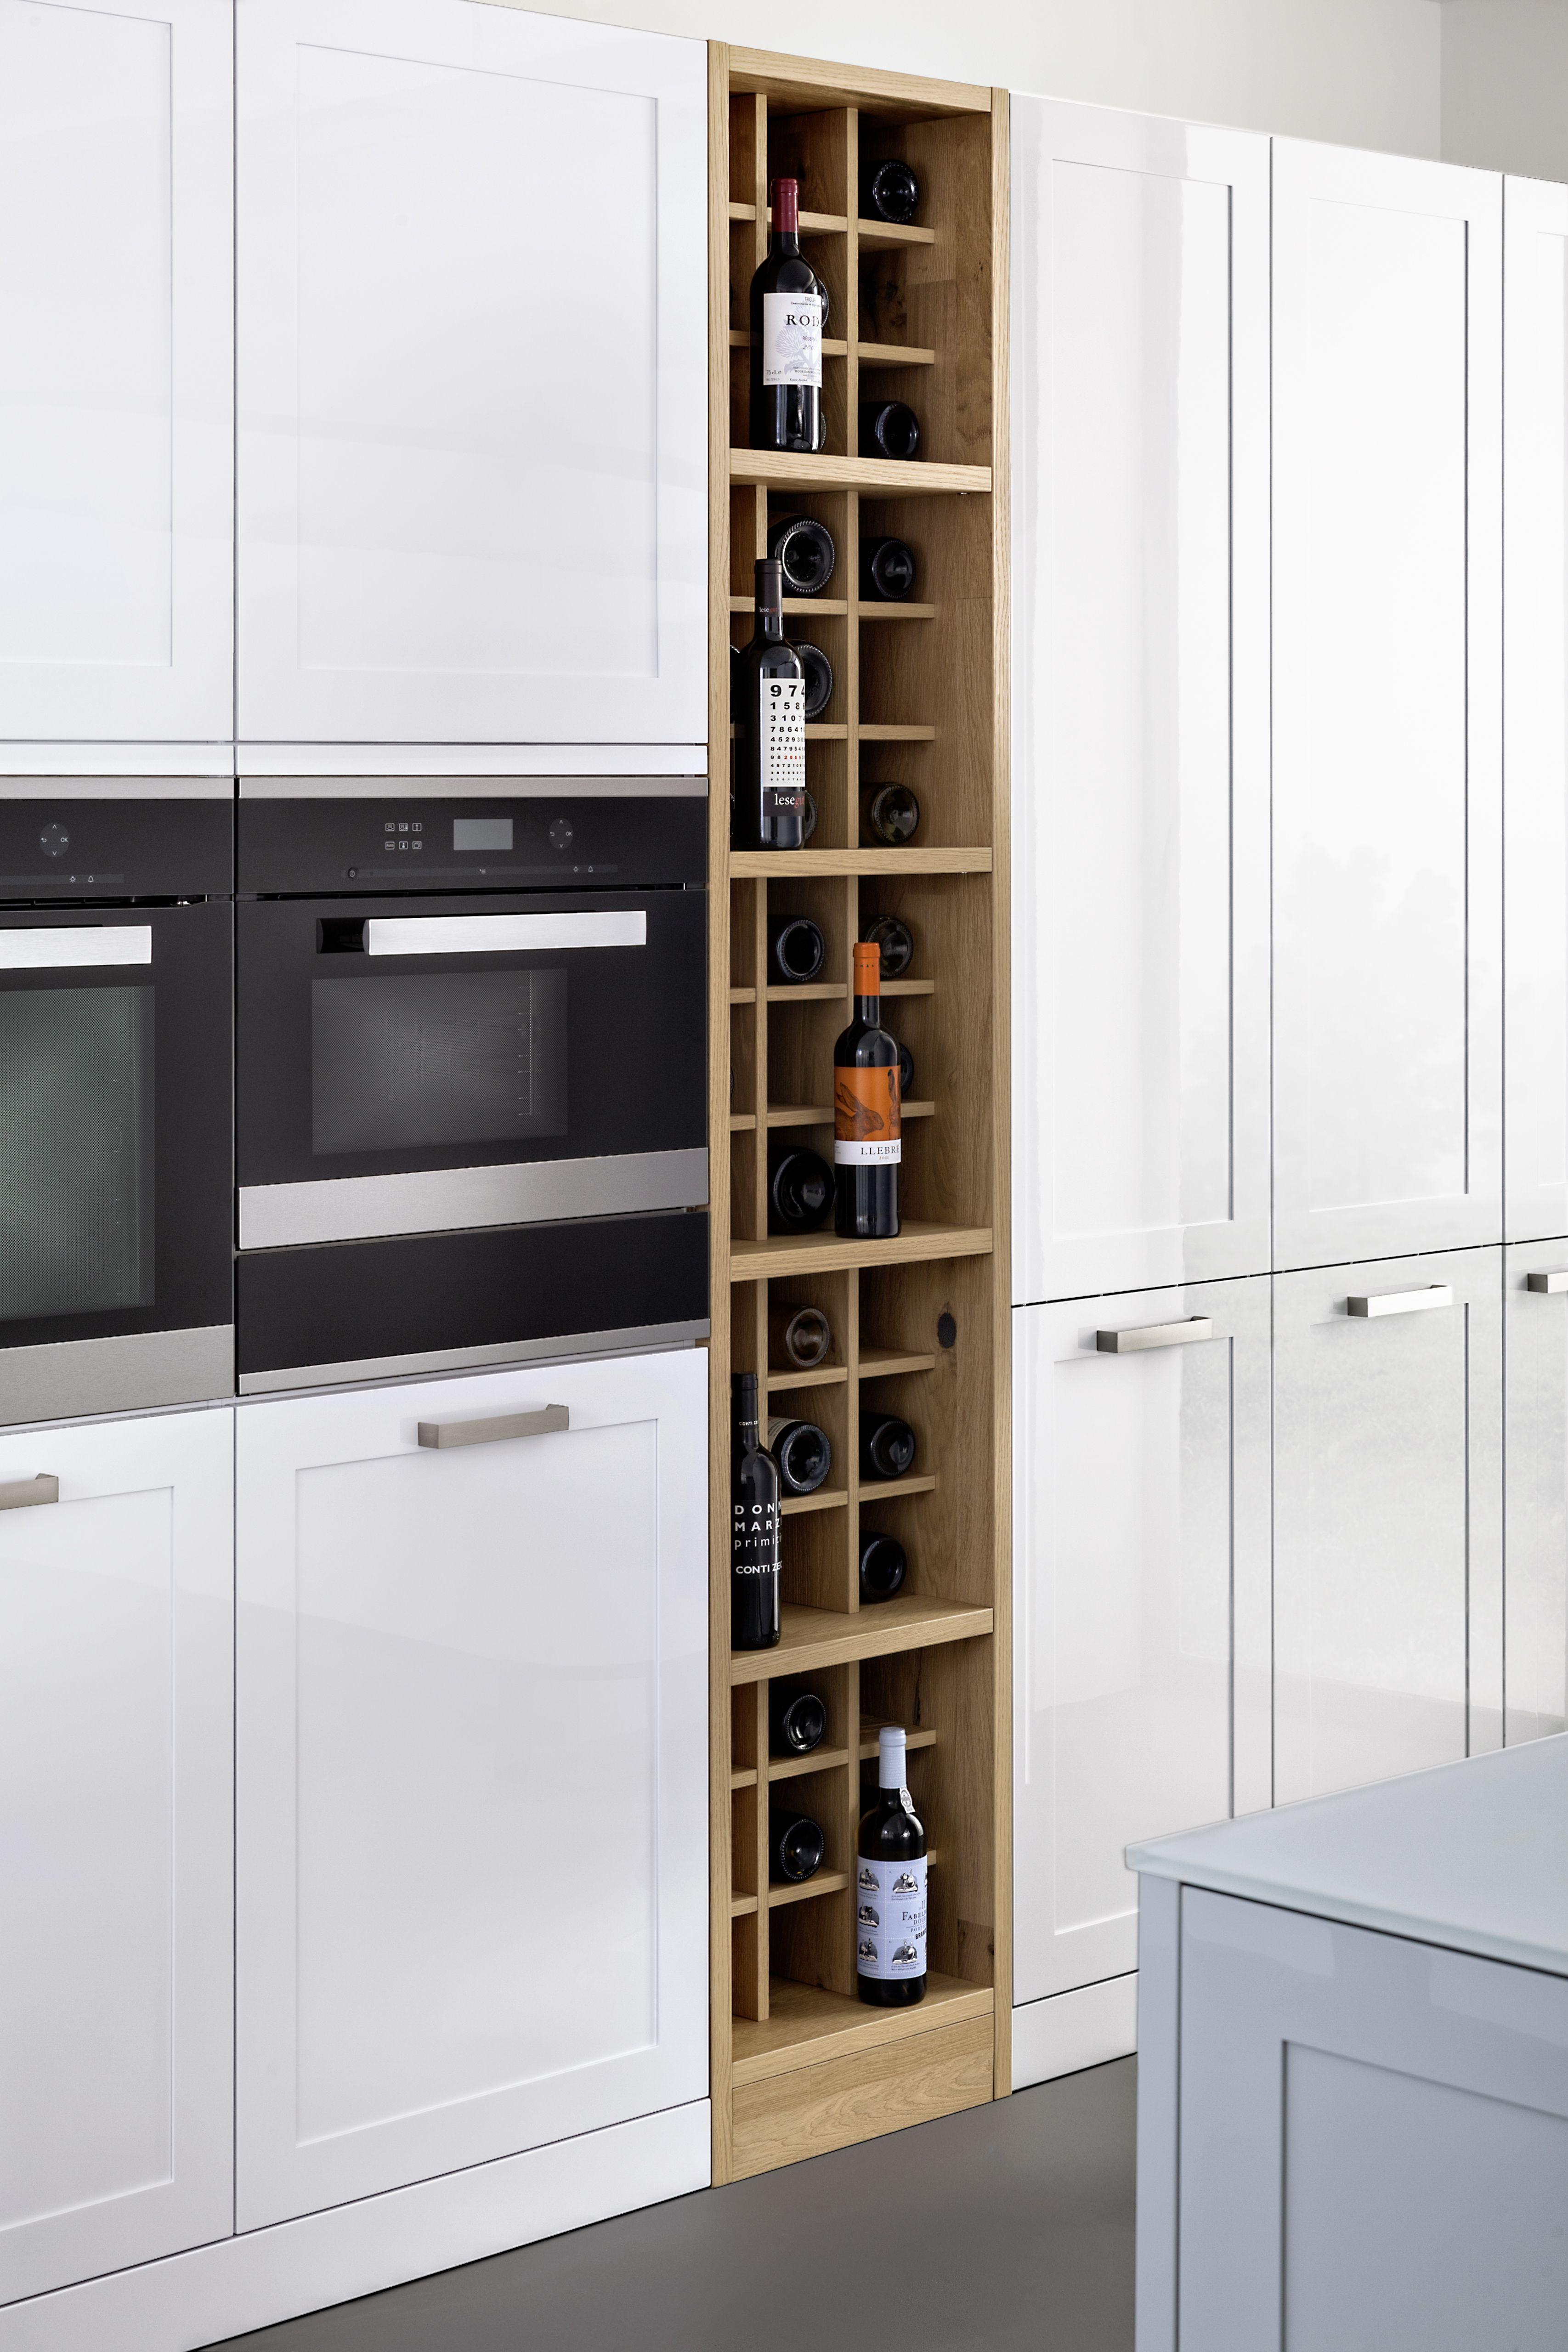 Gut Weiße Küche, Küchenschrank In Weiß, Weiße Fronten, Küchenfronten, Bild, Idee ,